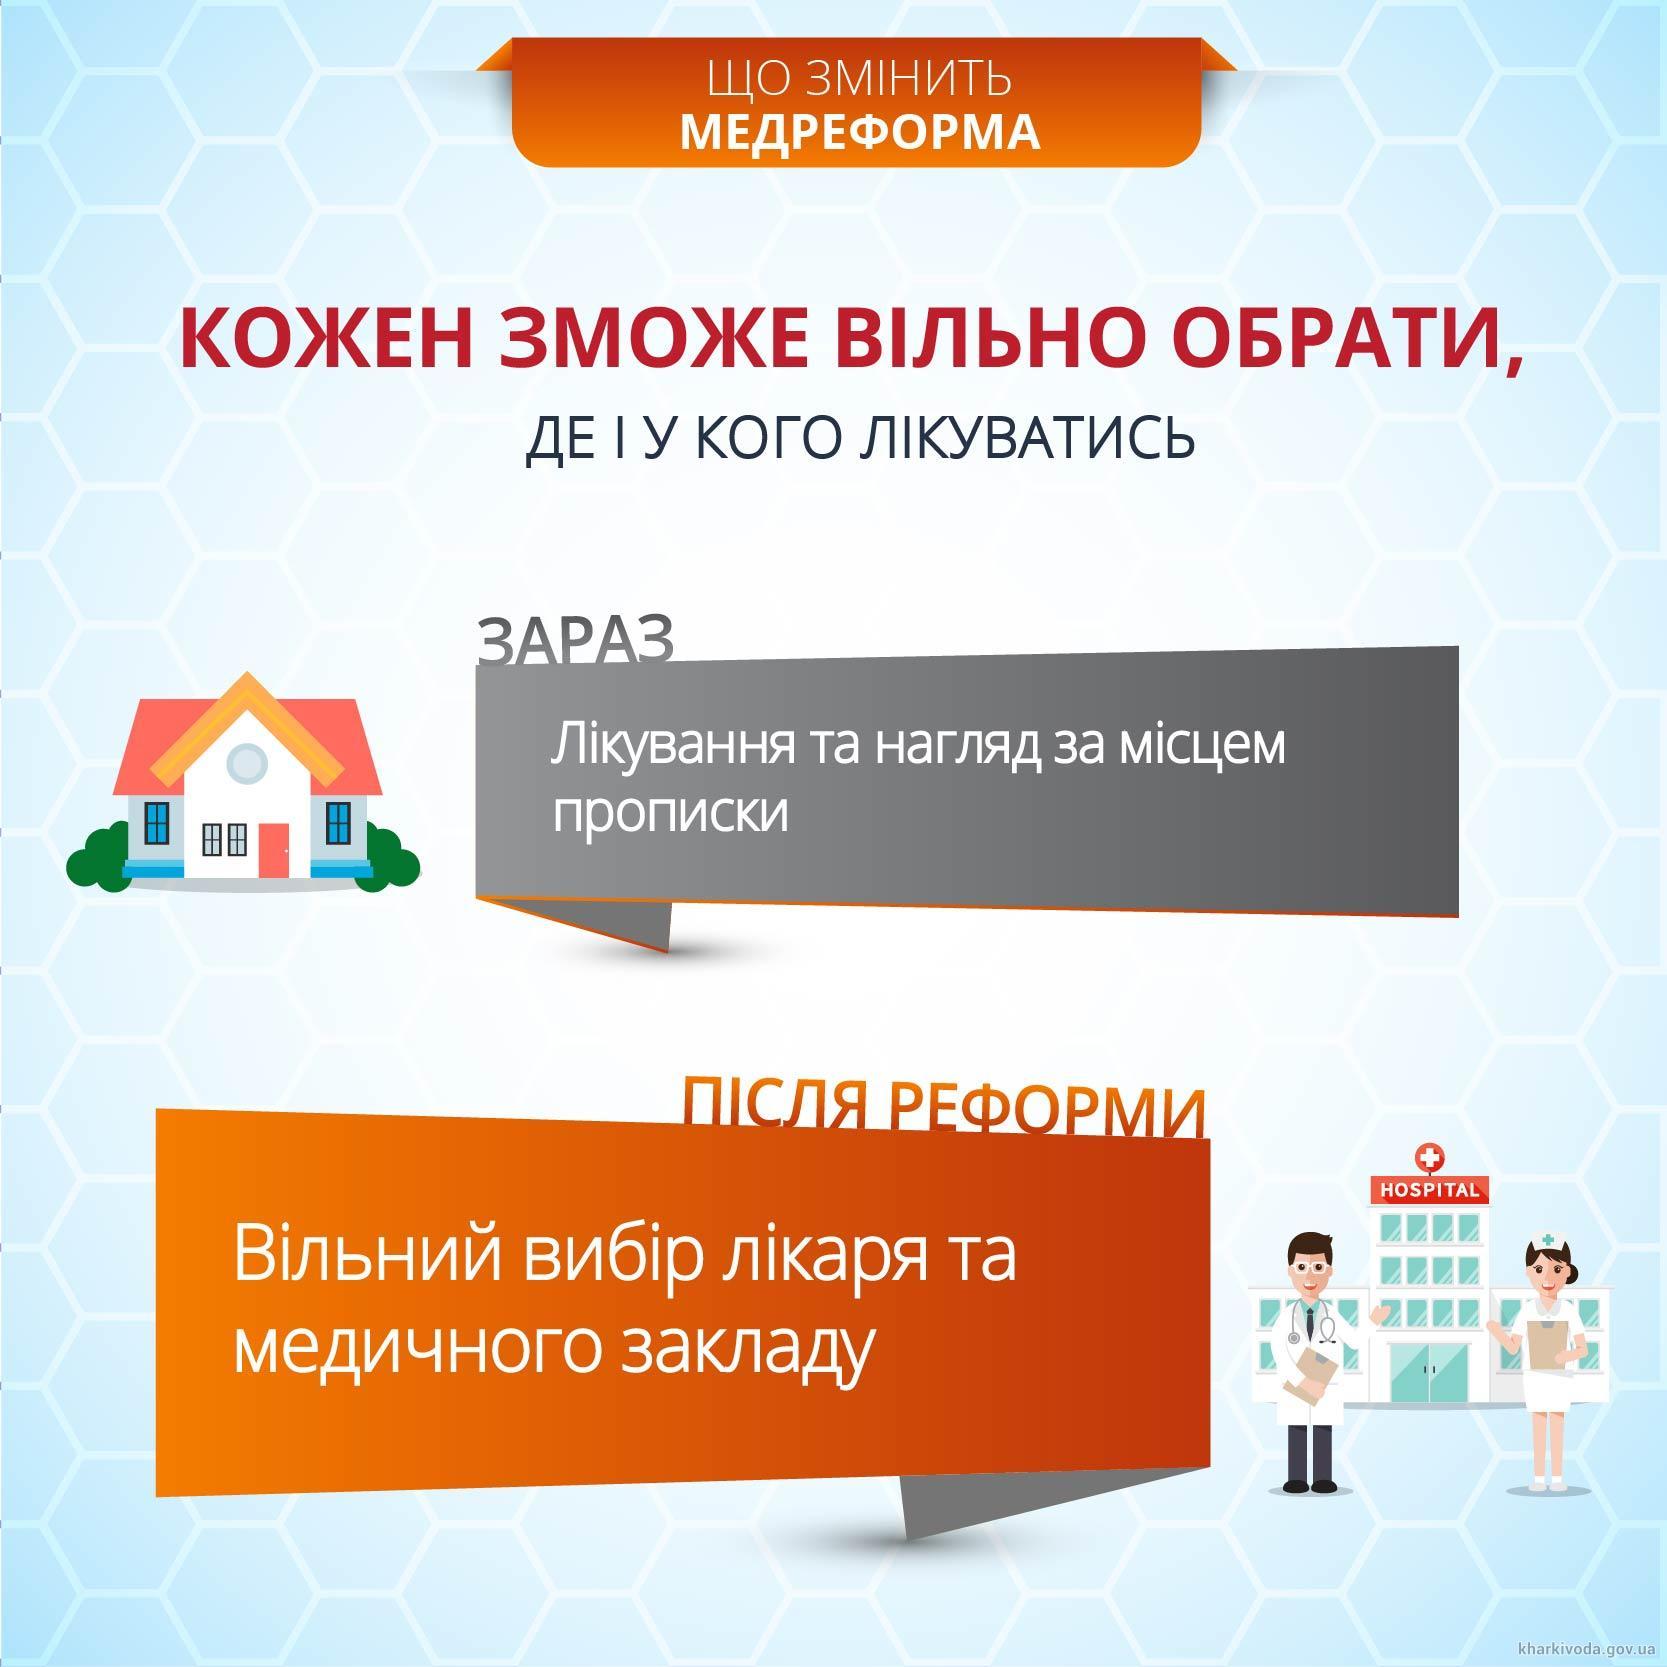 Харьковчанам рассказали, что изменит медреформа